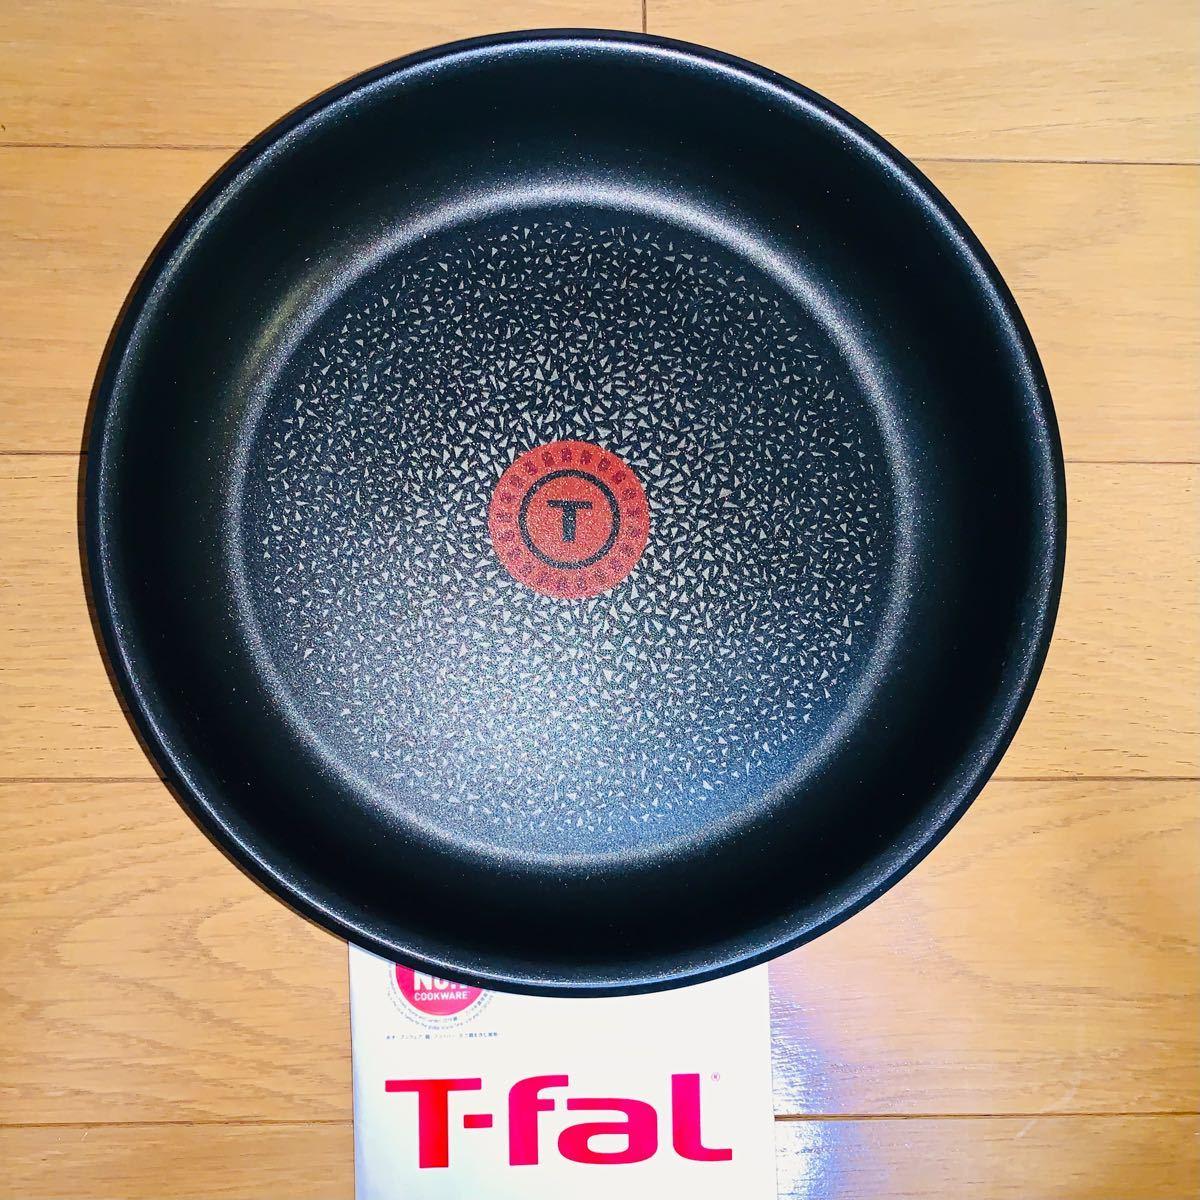 値下げしました テファール  IH対応食洗機対応 ステンレスブラッシュ エクセレンスフライパン22cm T-fal インジニオネオ